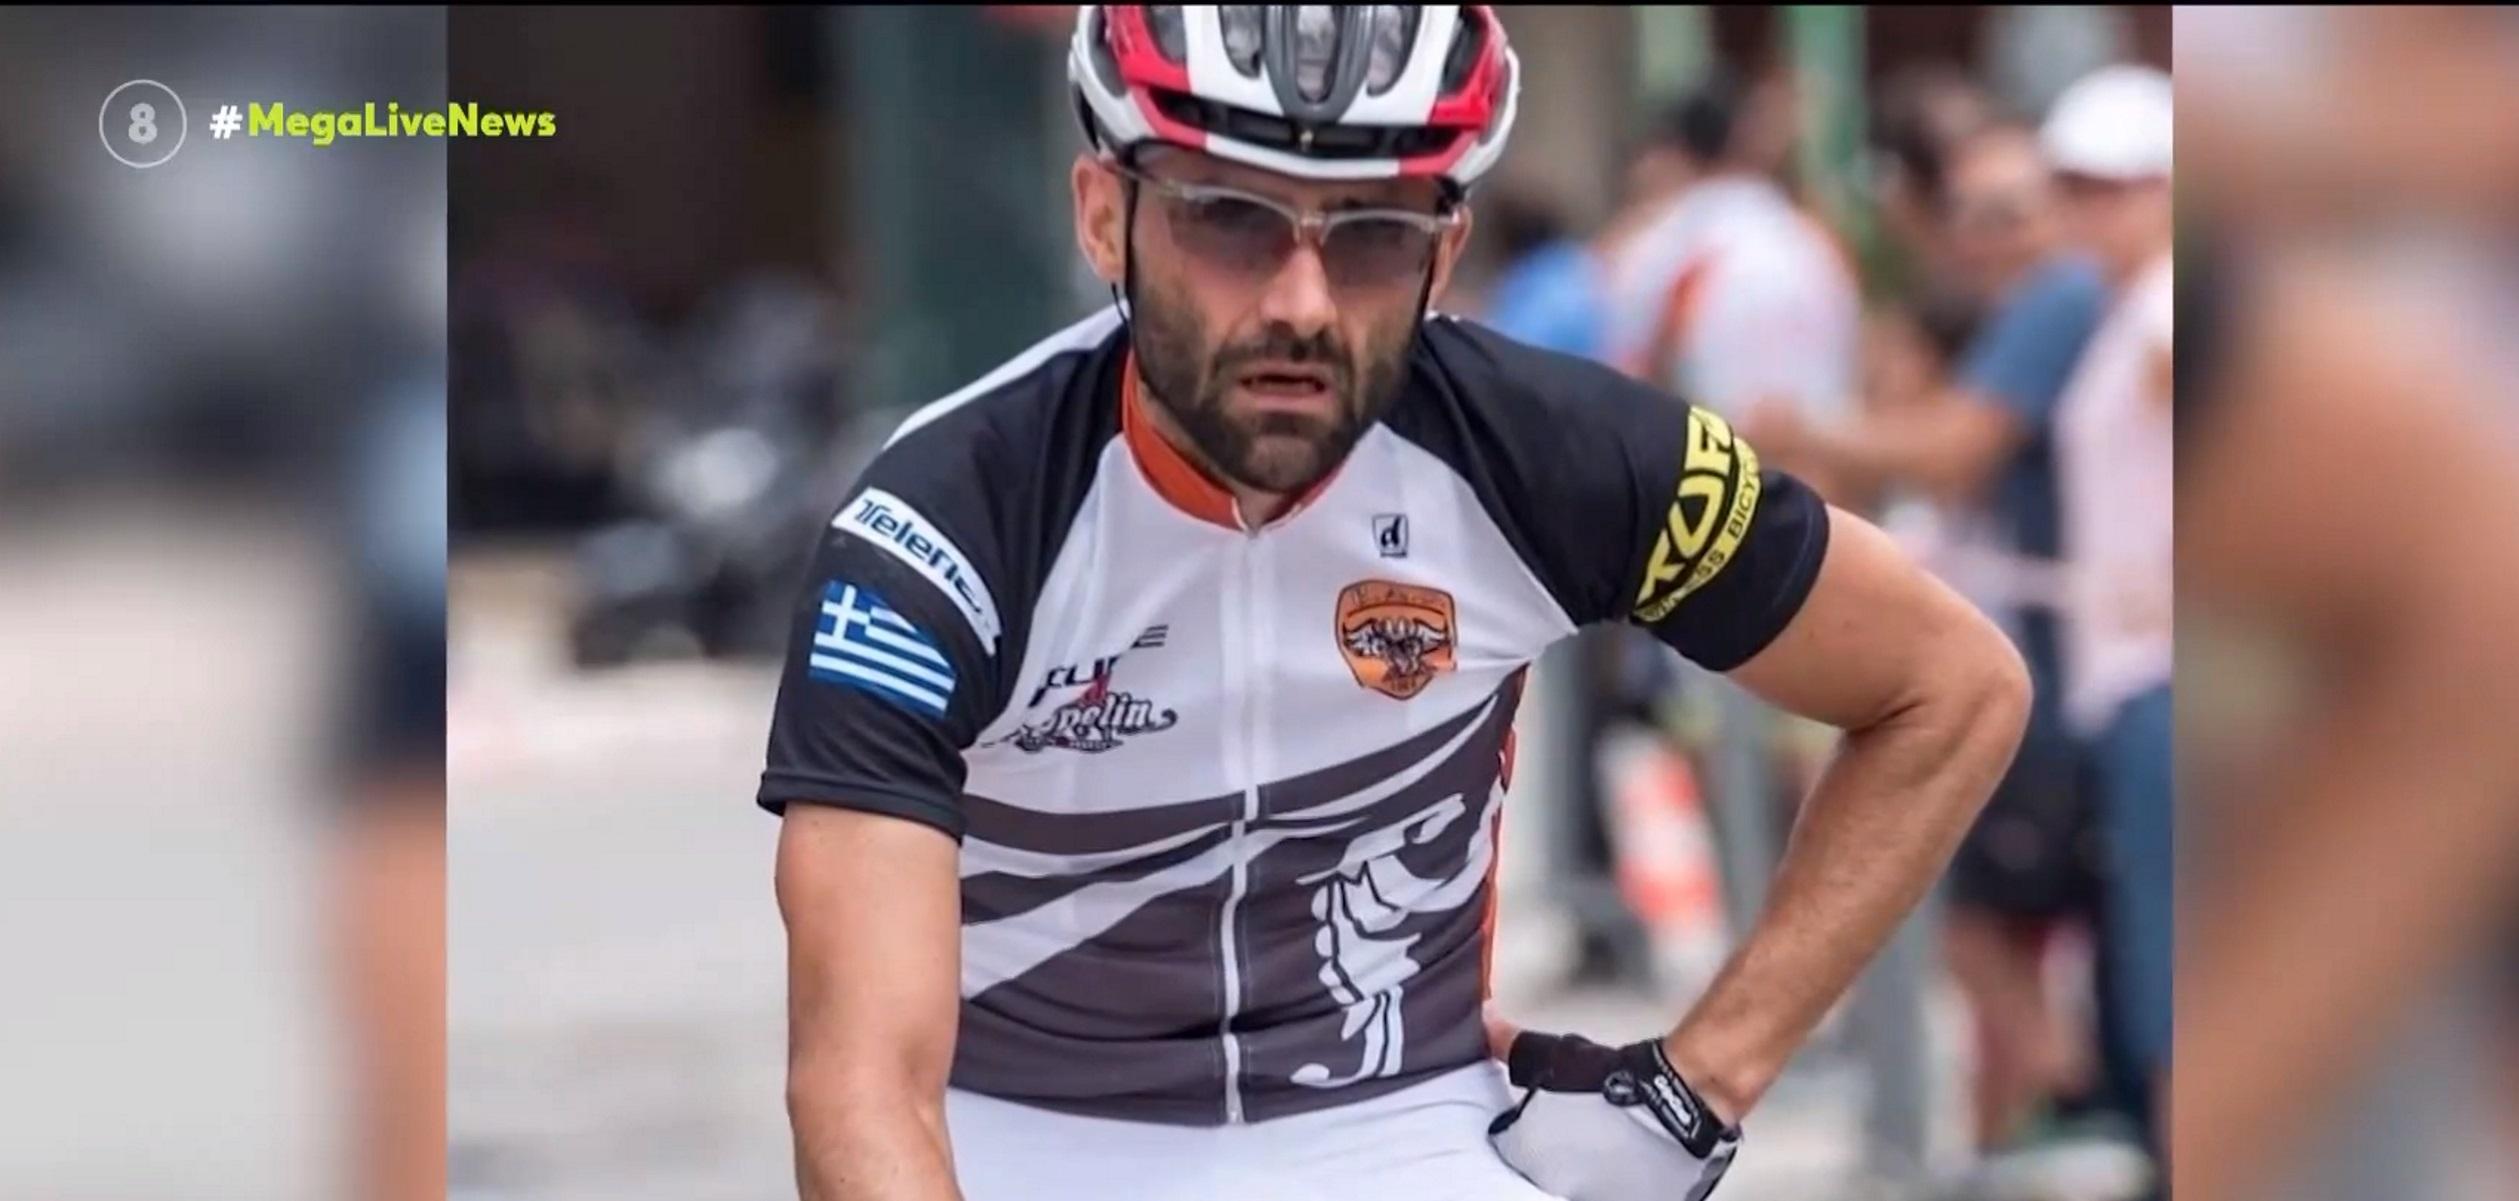 Μέρα της Μαρμότας για ποδηλάτη μετά από τροχαίο στις Σέρρες